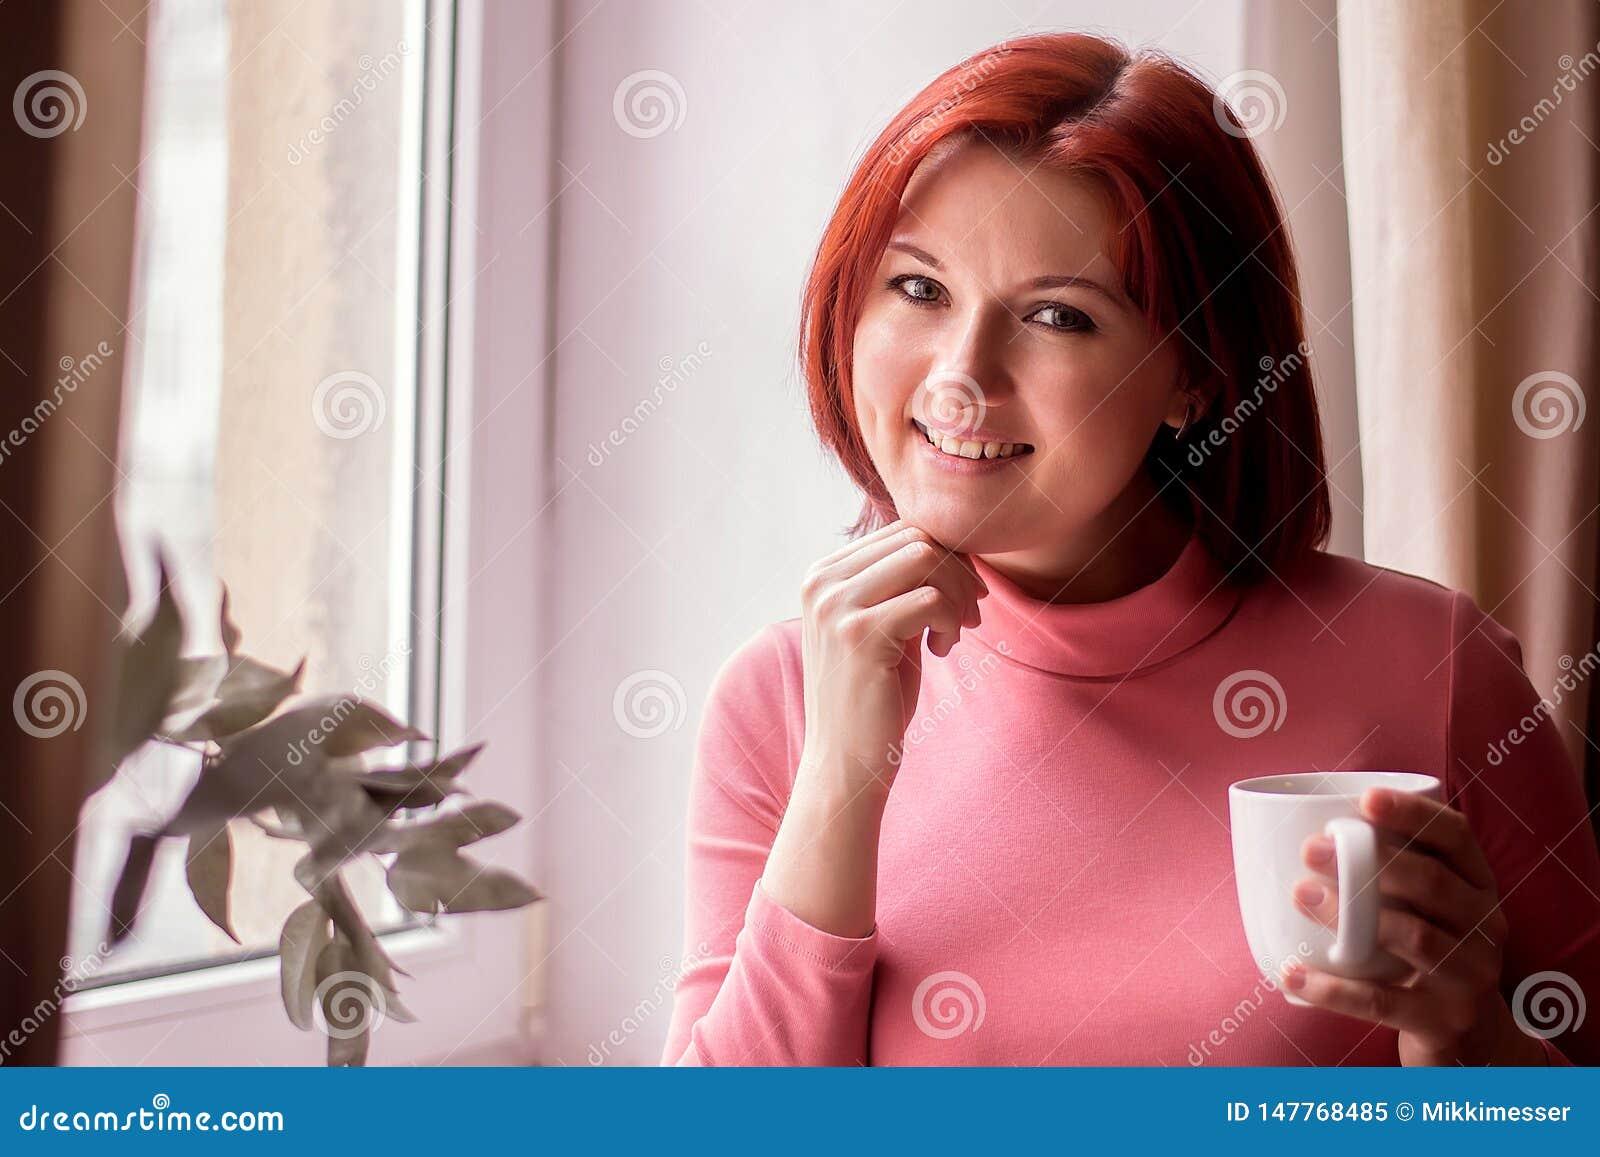 Glimlachende vrouw op middelbare leeftijd met rood haar die zich met witte mok dichtbij venster bevinden Kort koffiepauzeconcept